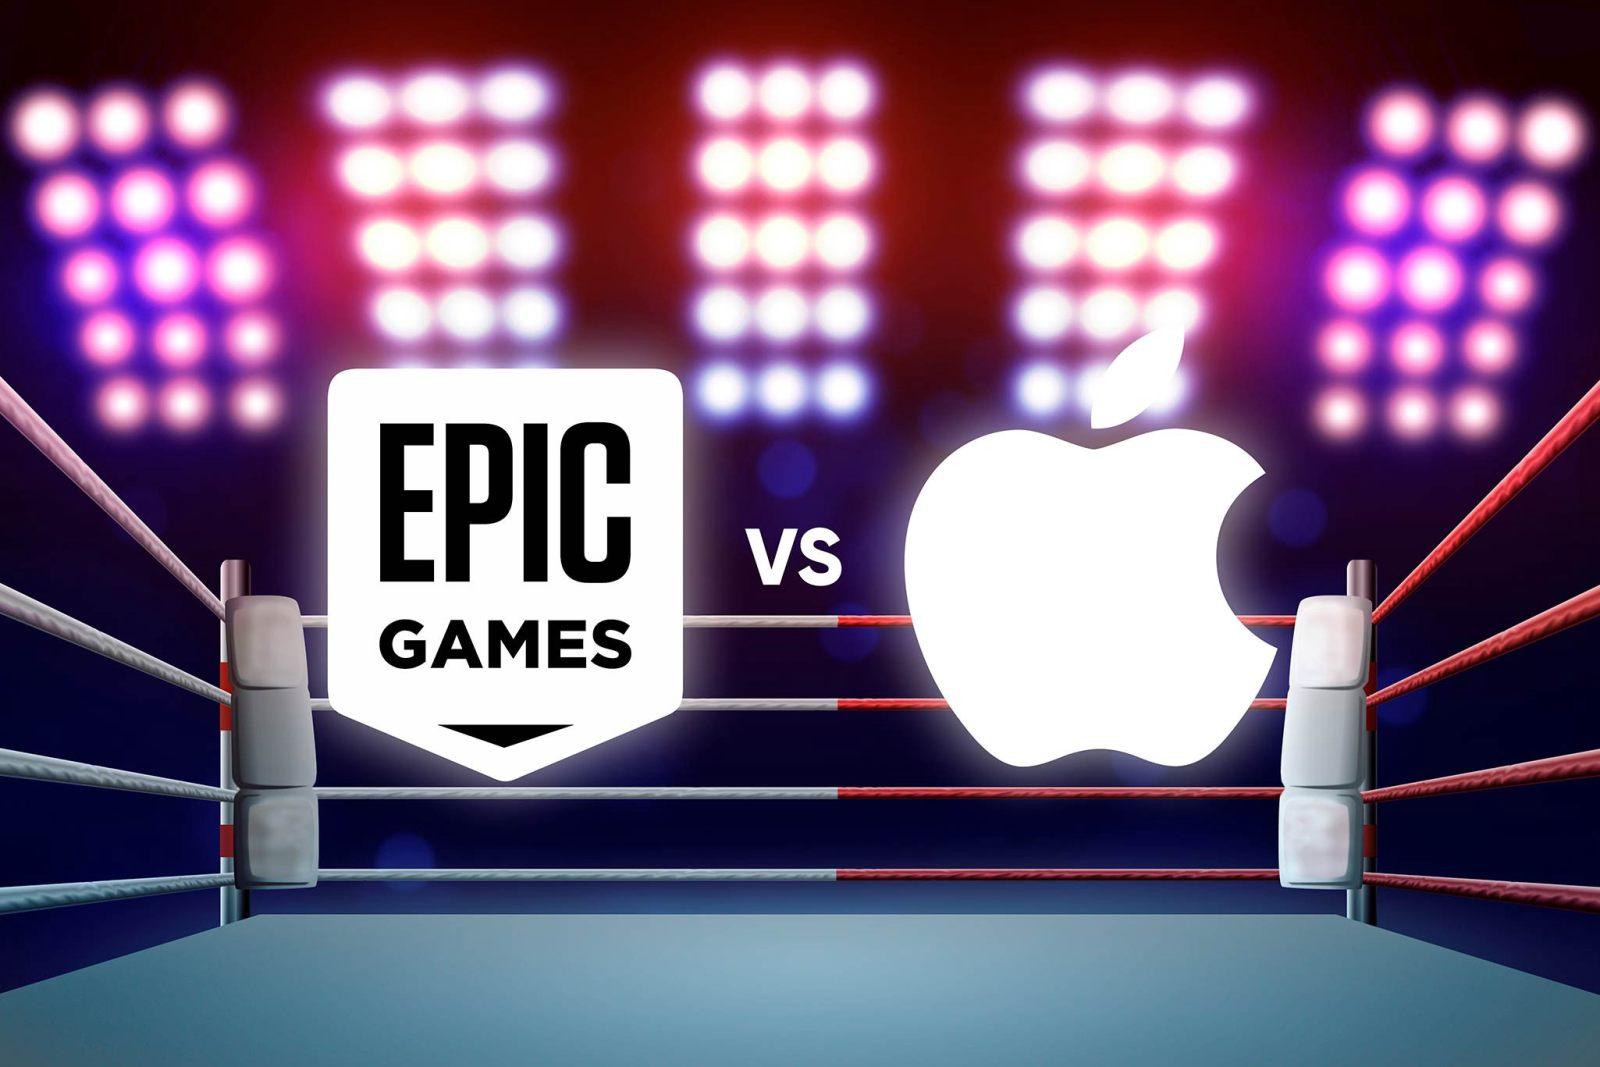 亏个几亿不算啥?与苹果的诉讼文件显示Epic在最近两年至少亏掉4.5亿美元